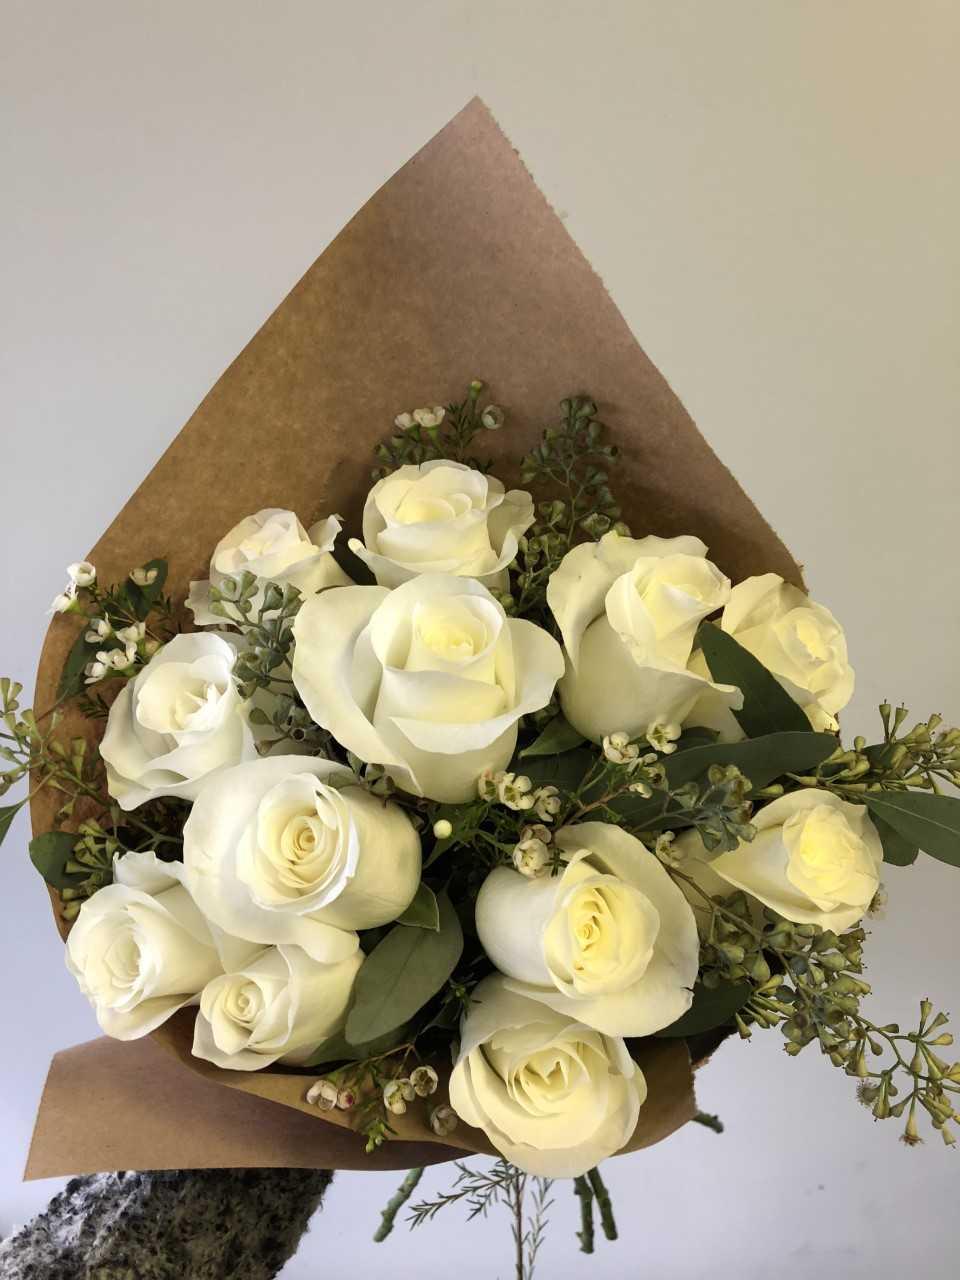 12 white roses.jpg